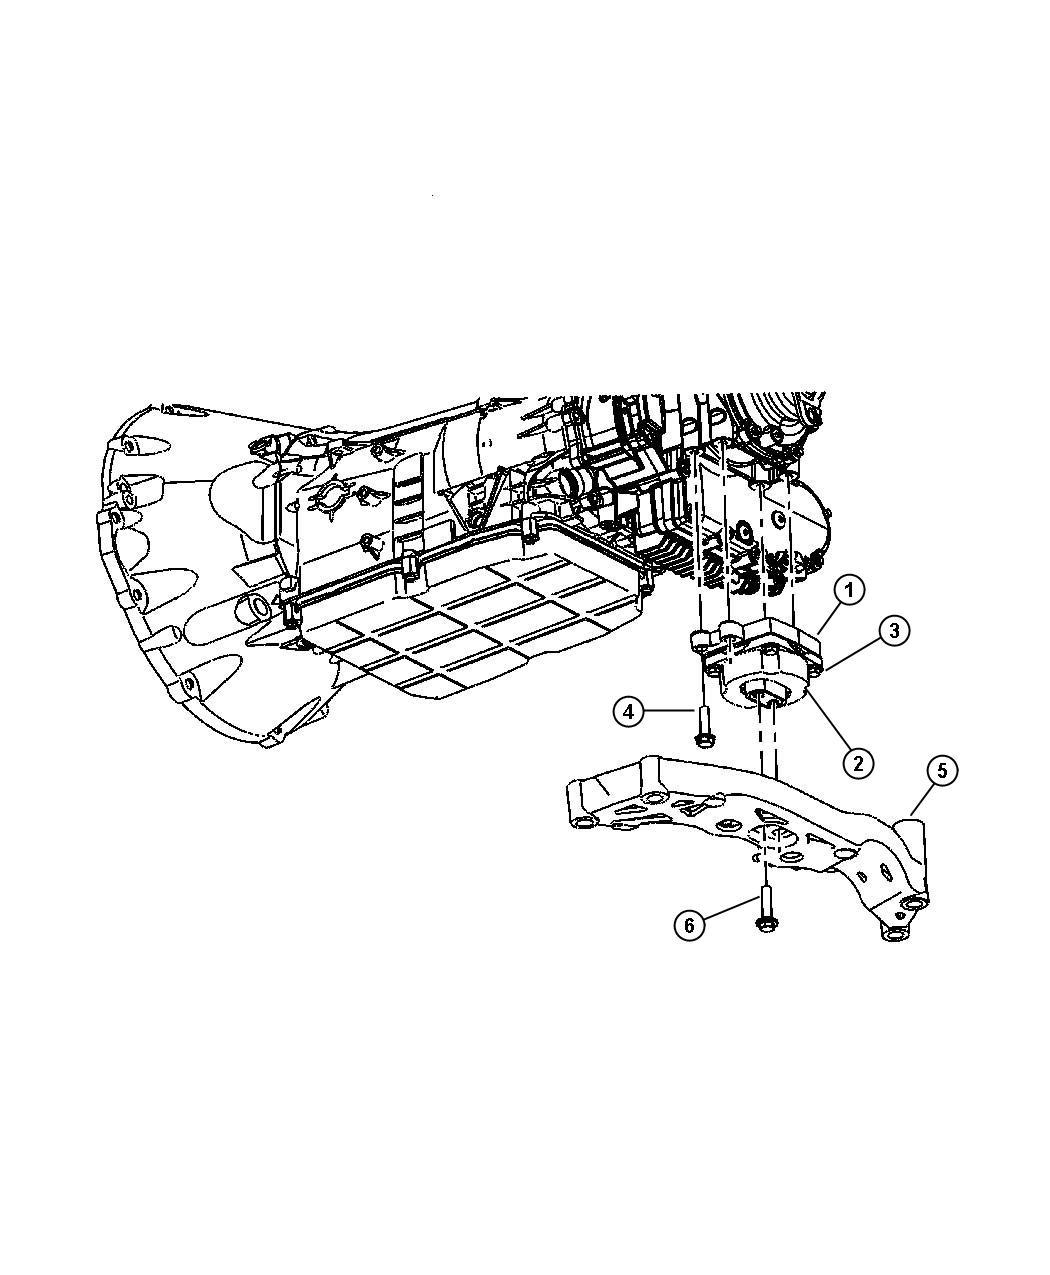 Dodge Charger Crossmember  Transmission  Mount To Transmission